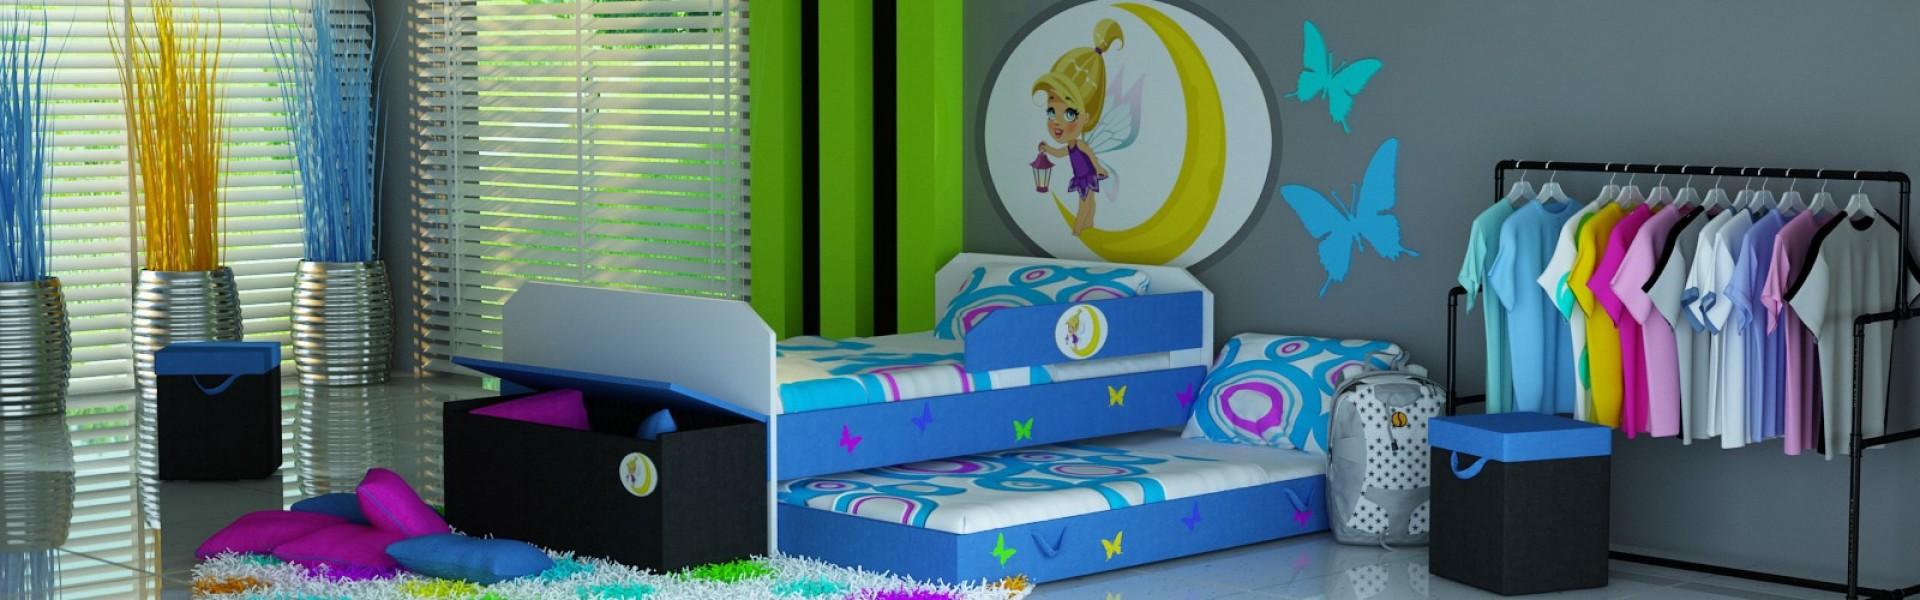 Witam w fabryce kolorowych snów!!!